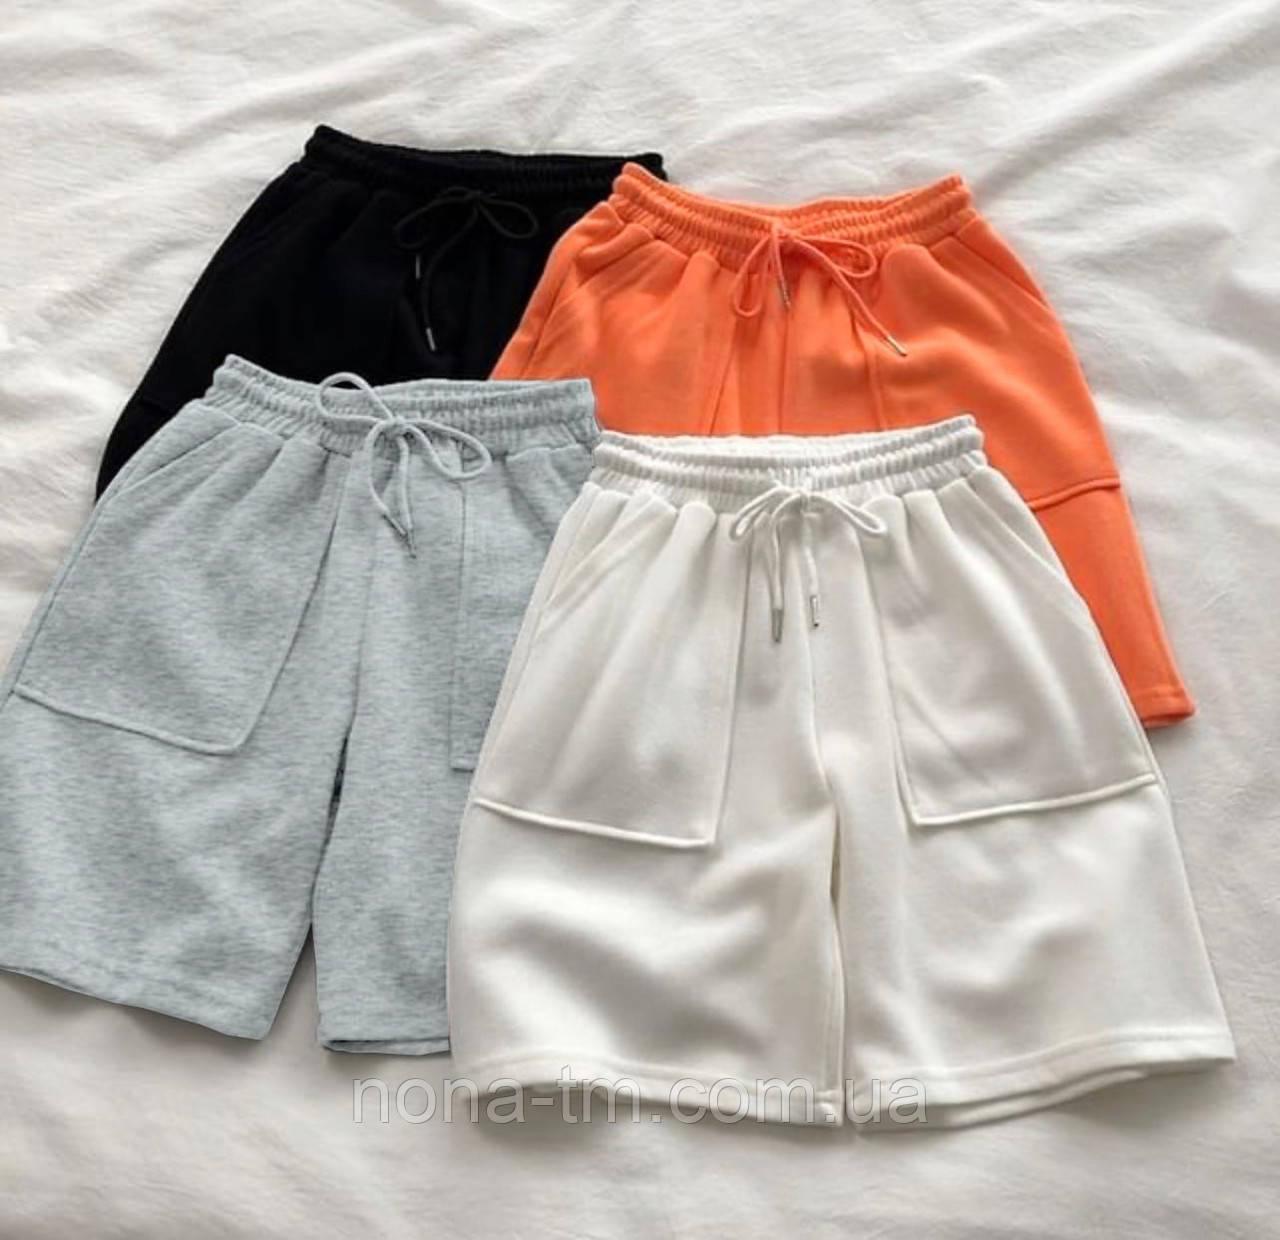 Повседневные шорты женские летние